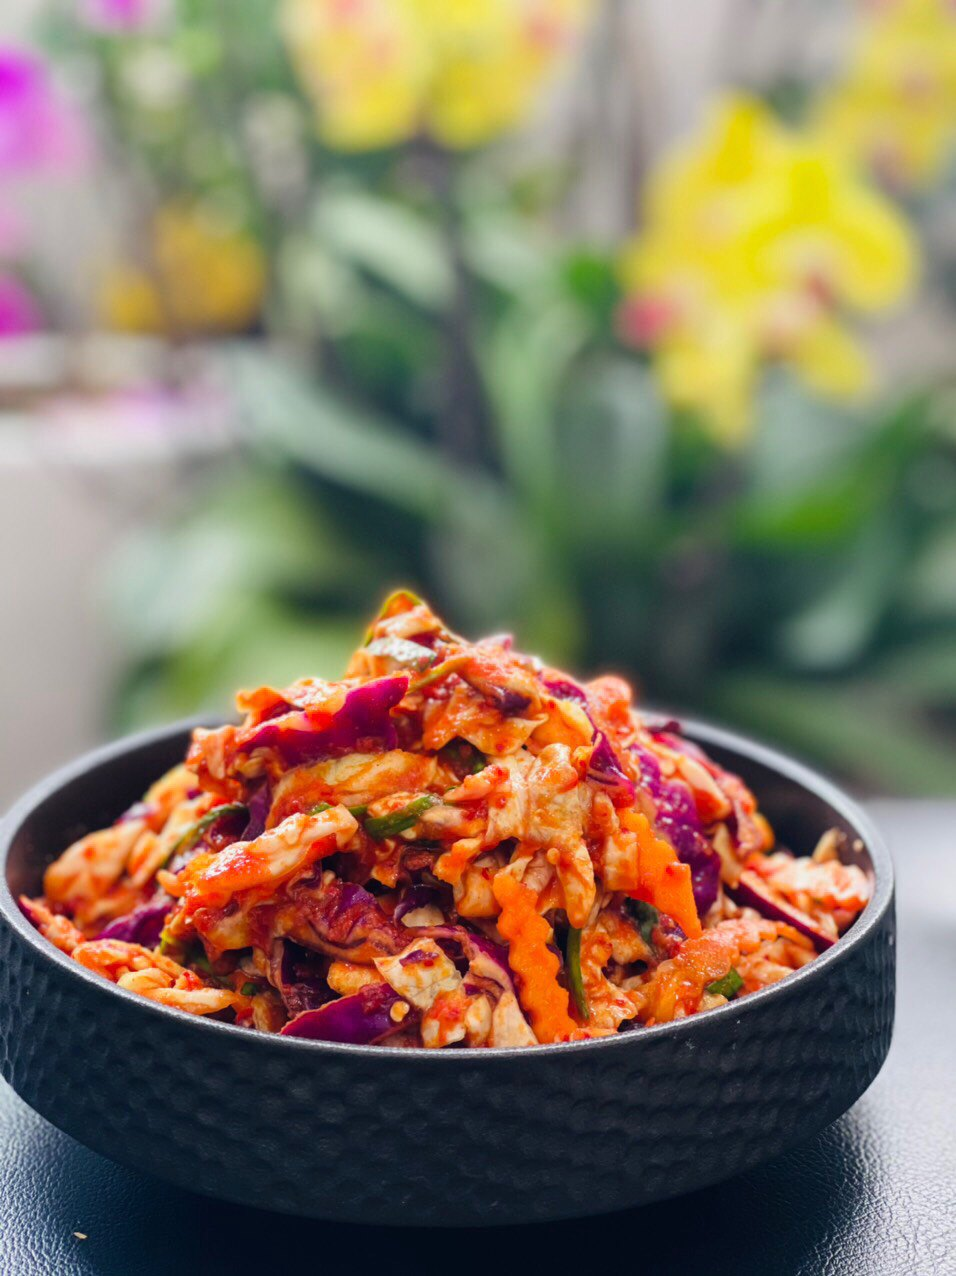 Nông sản đang rẻ, đầu bếp mách cách làm kim chi từ các loại rau củ quả tuyệt ngon - 5